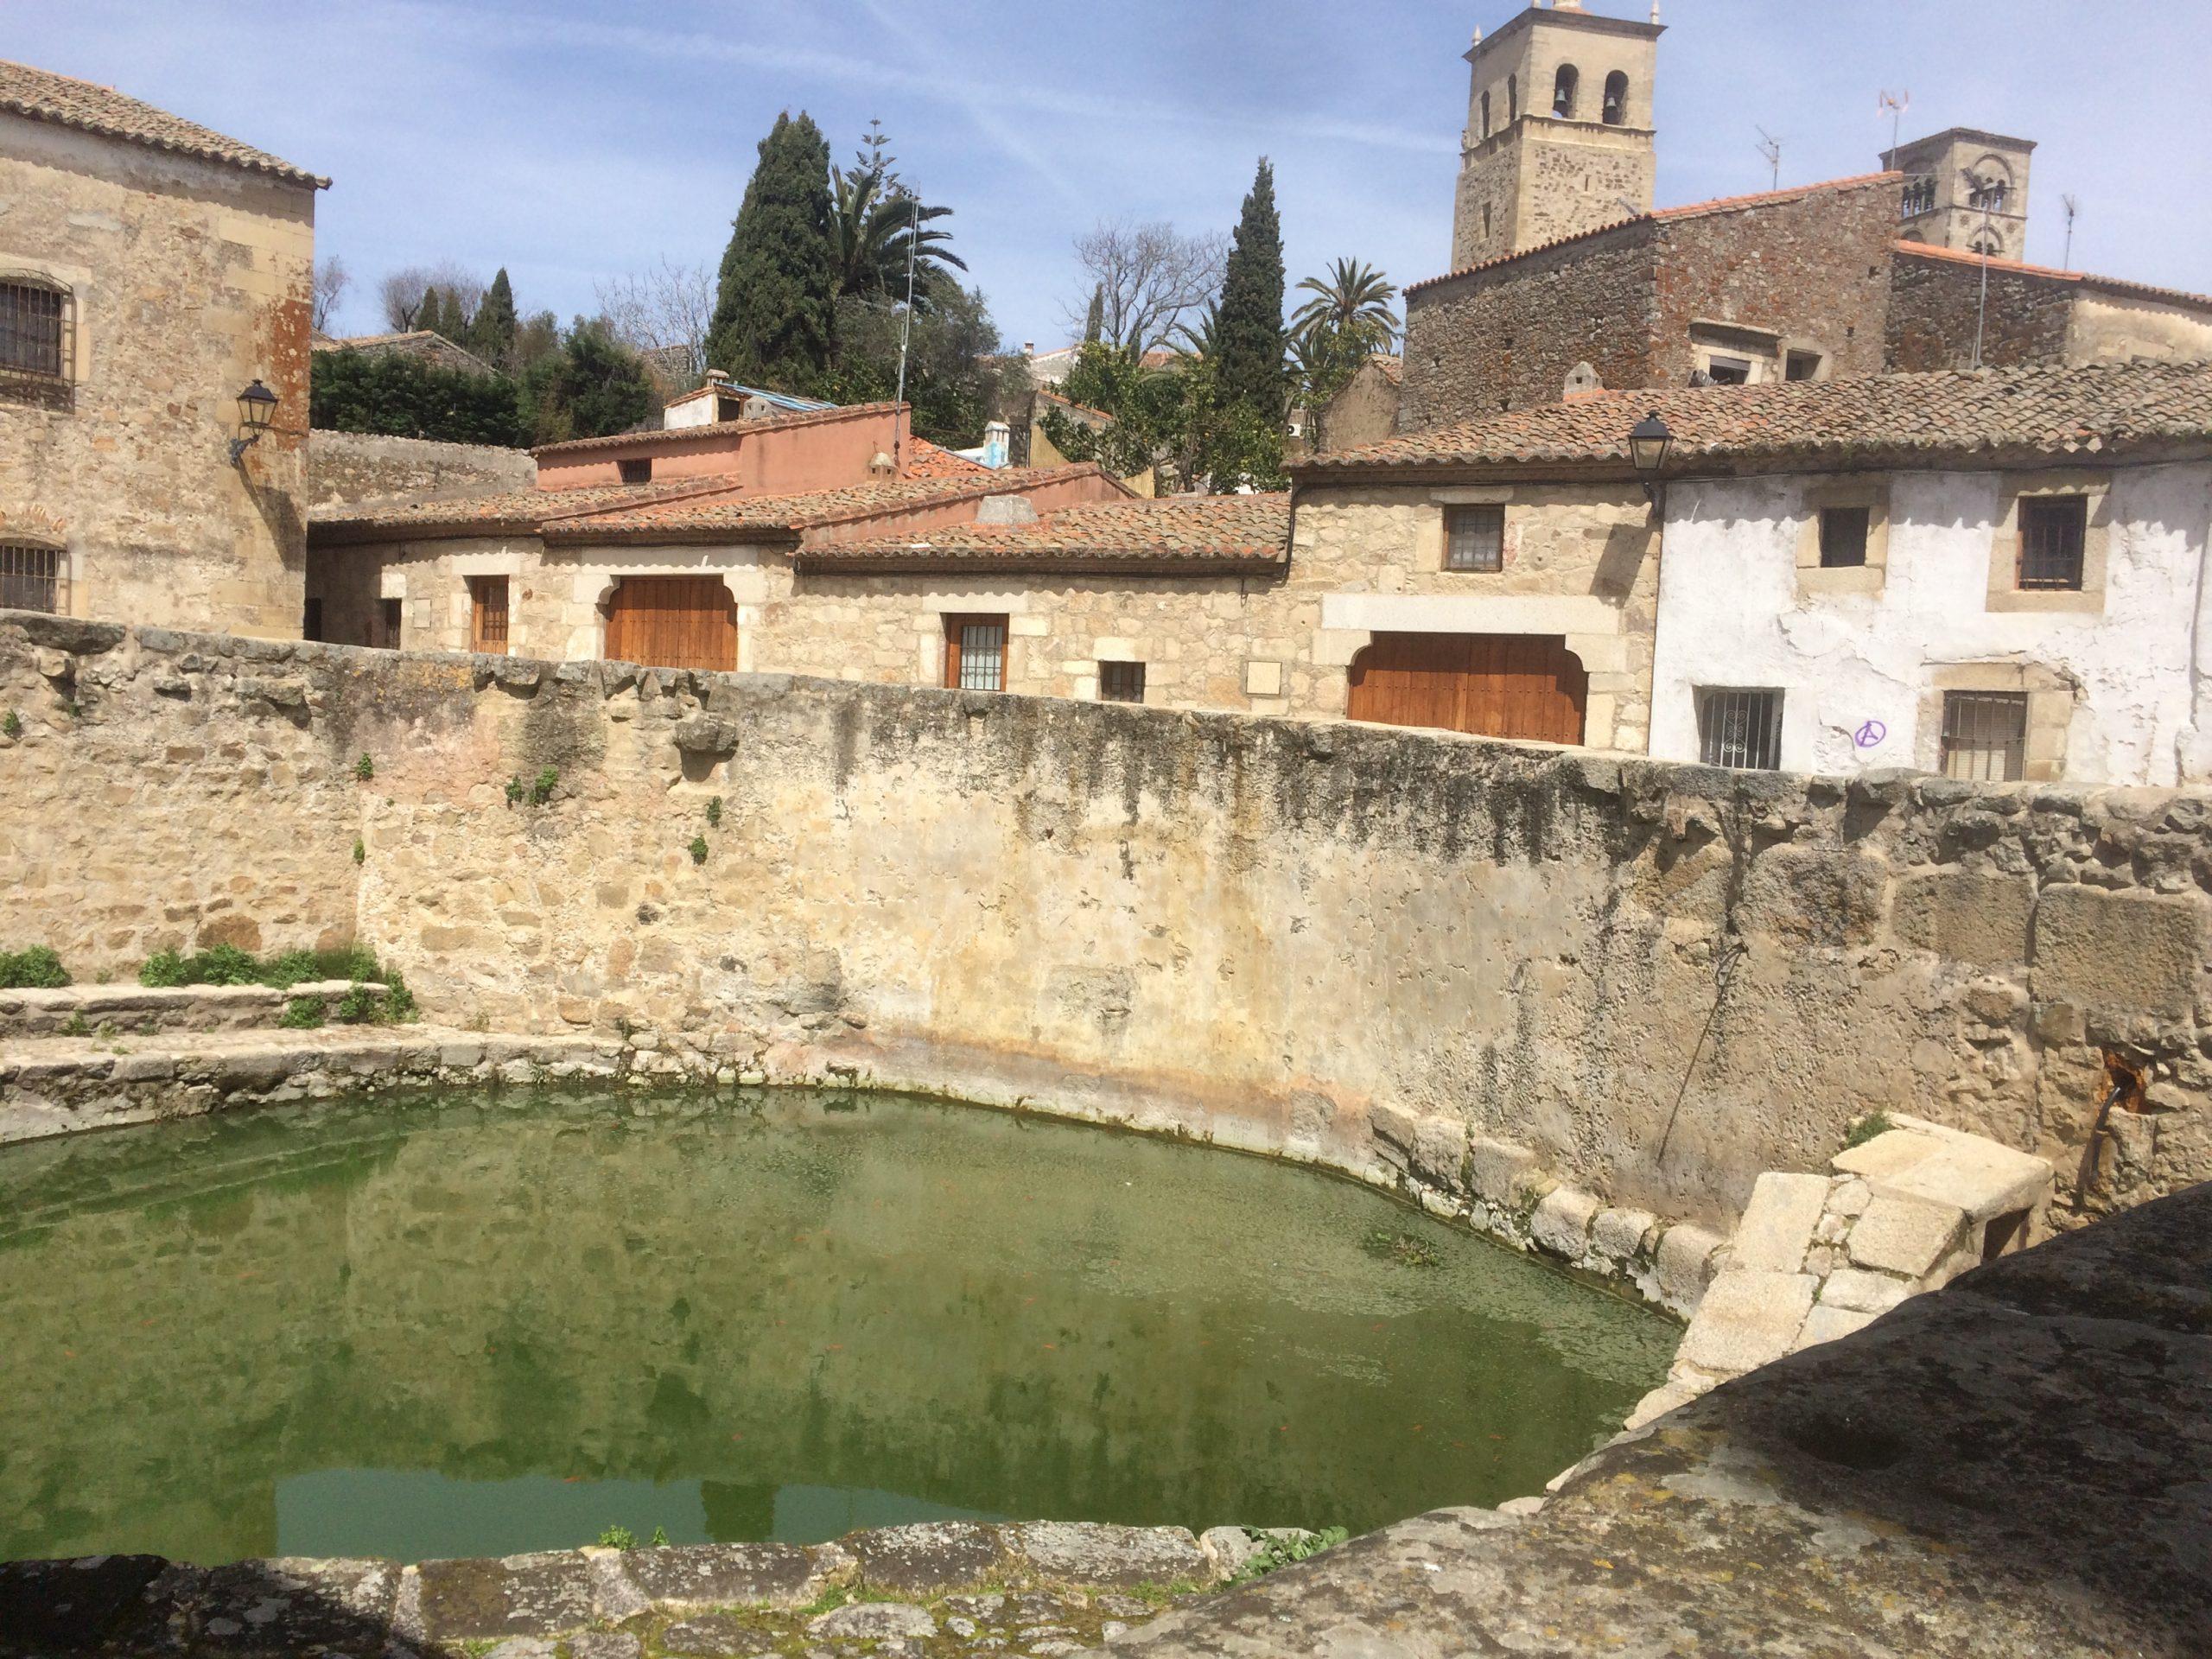 Wasplaats Trujillo